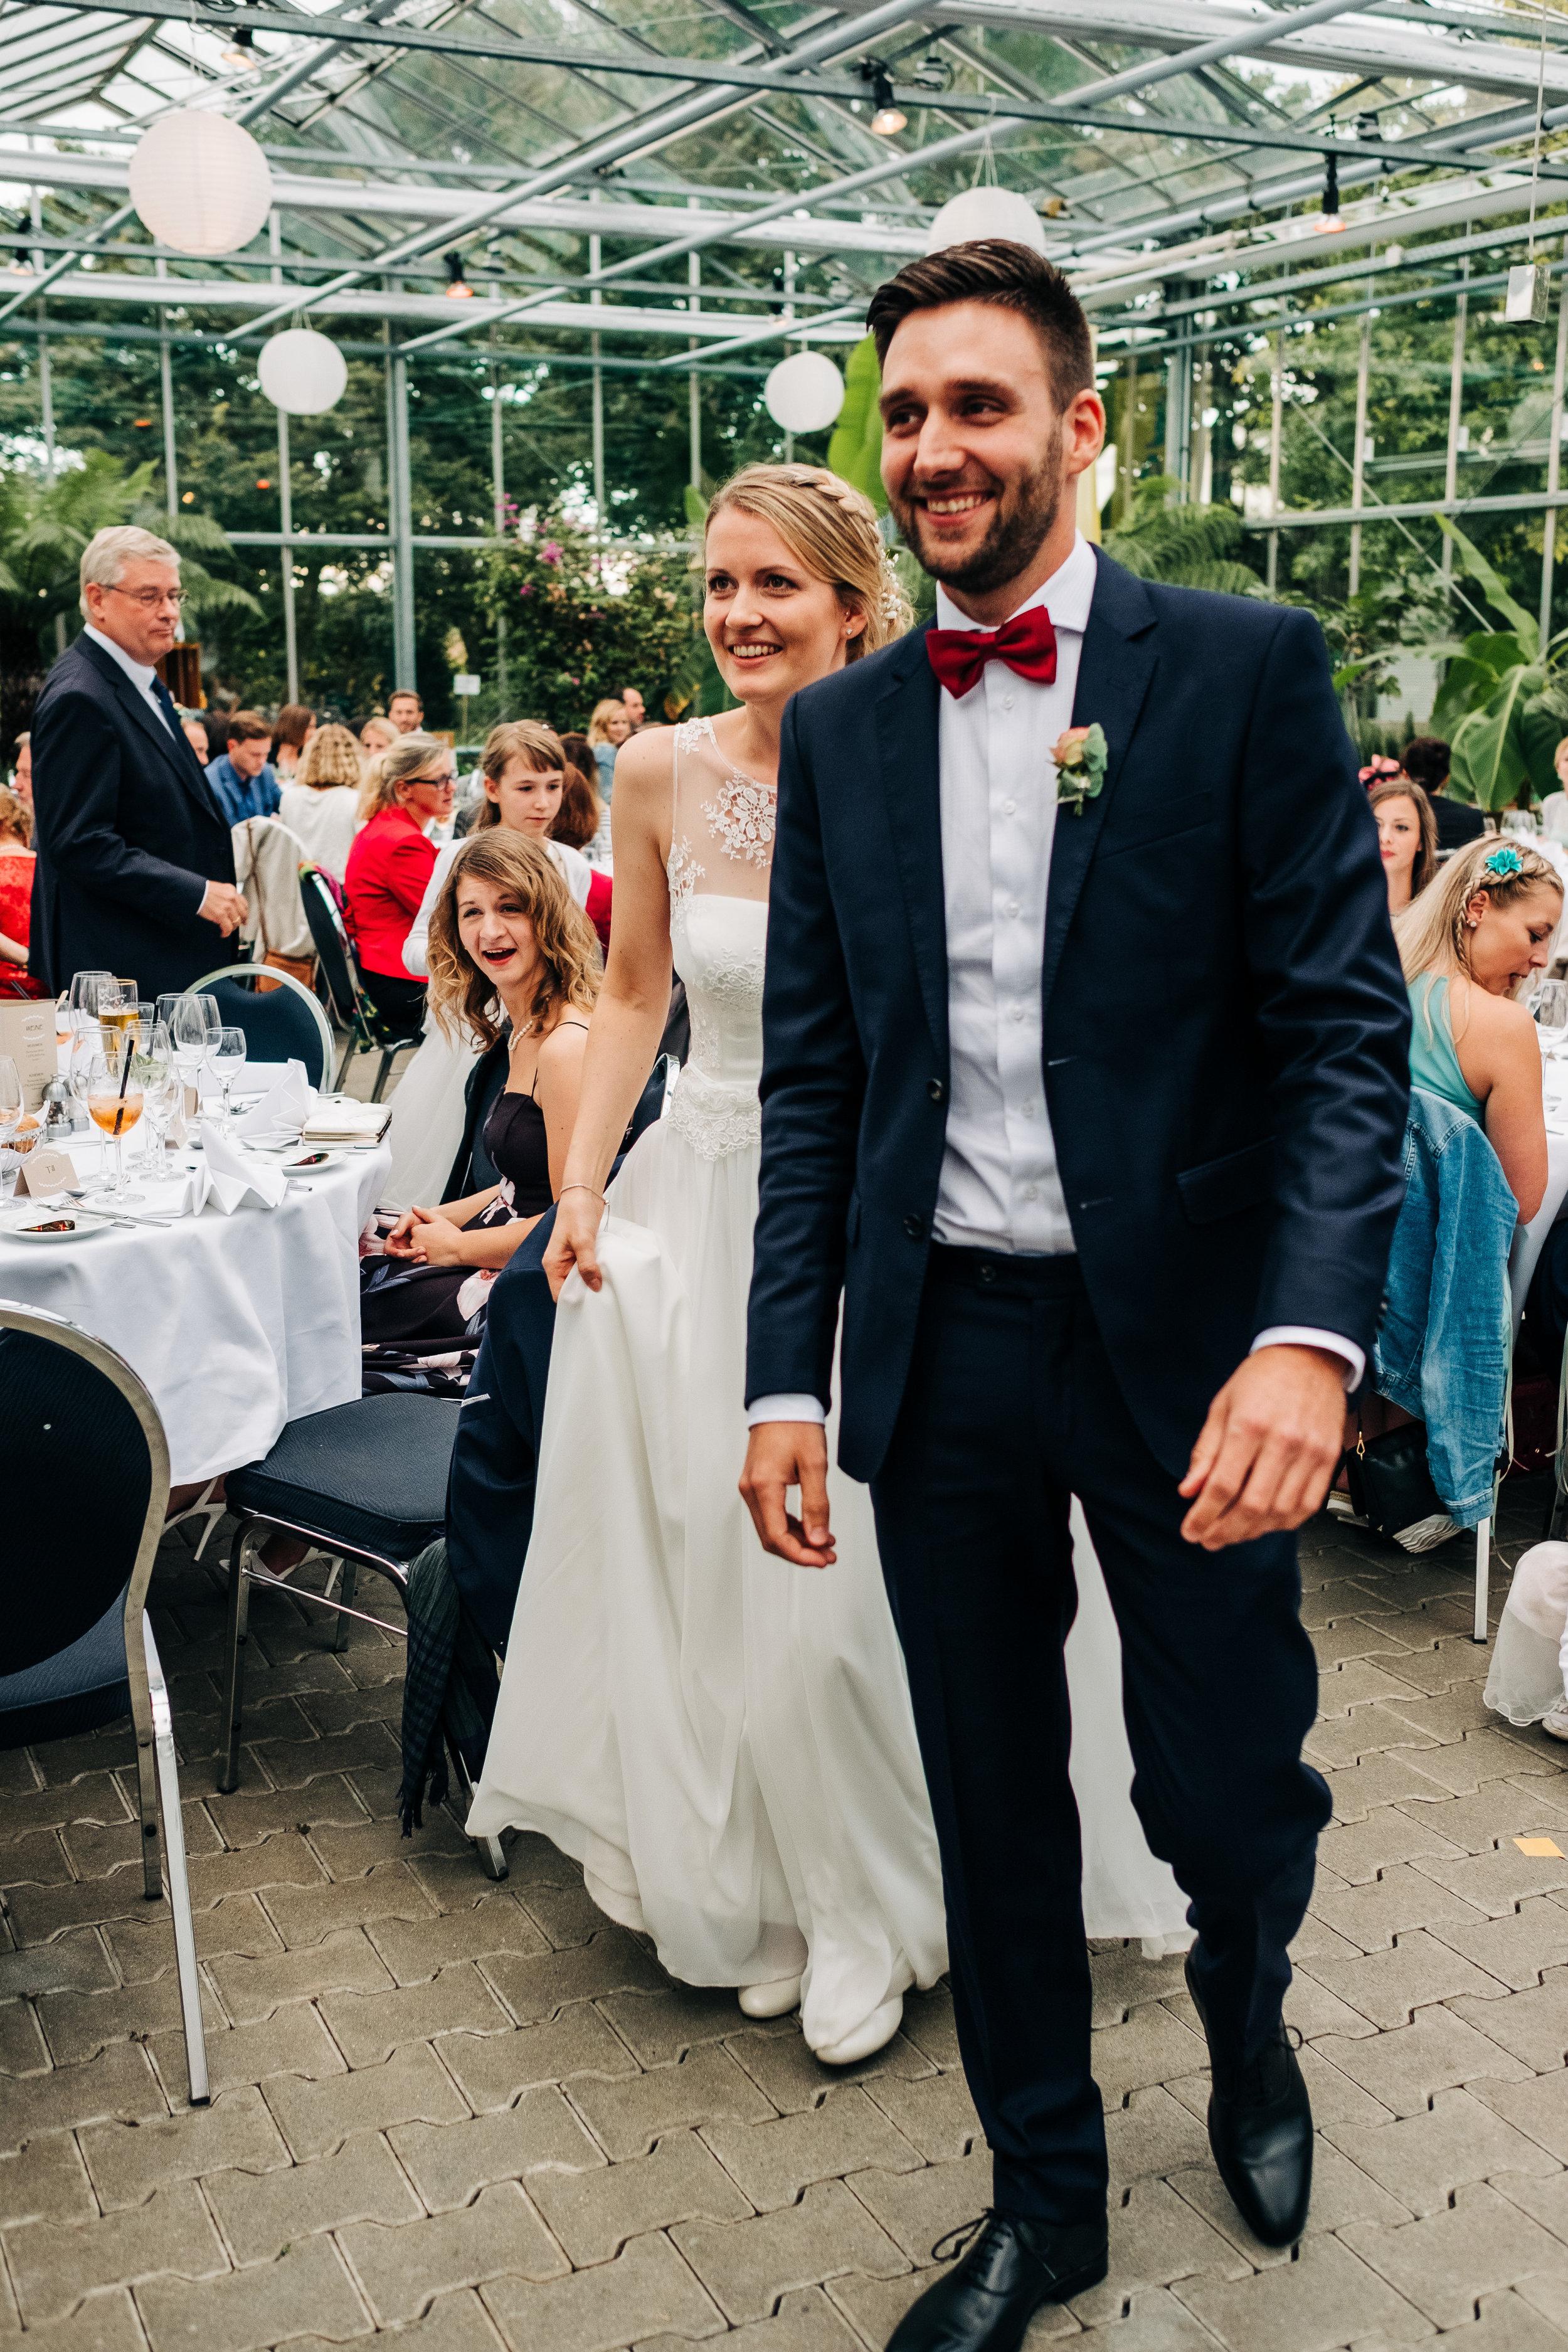 Anna-Hari-Photography-Hochzeitsfotografie-U&H-1036.jpg